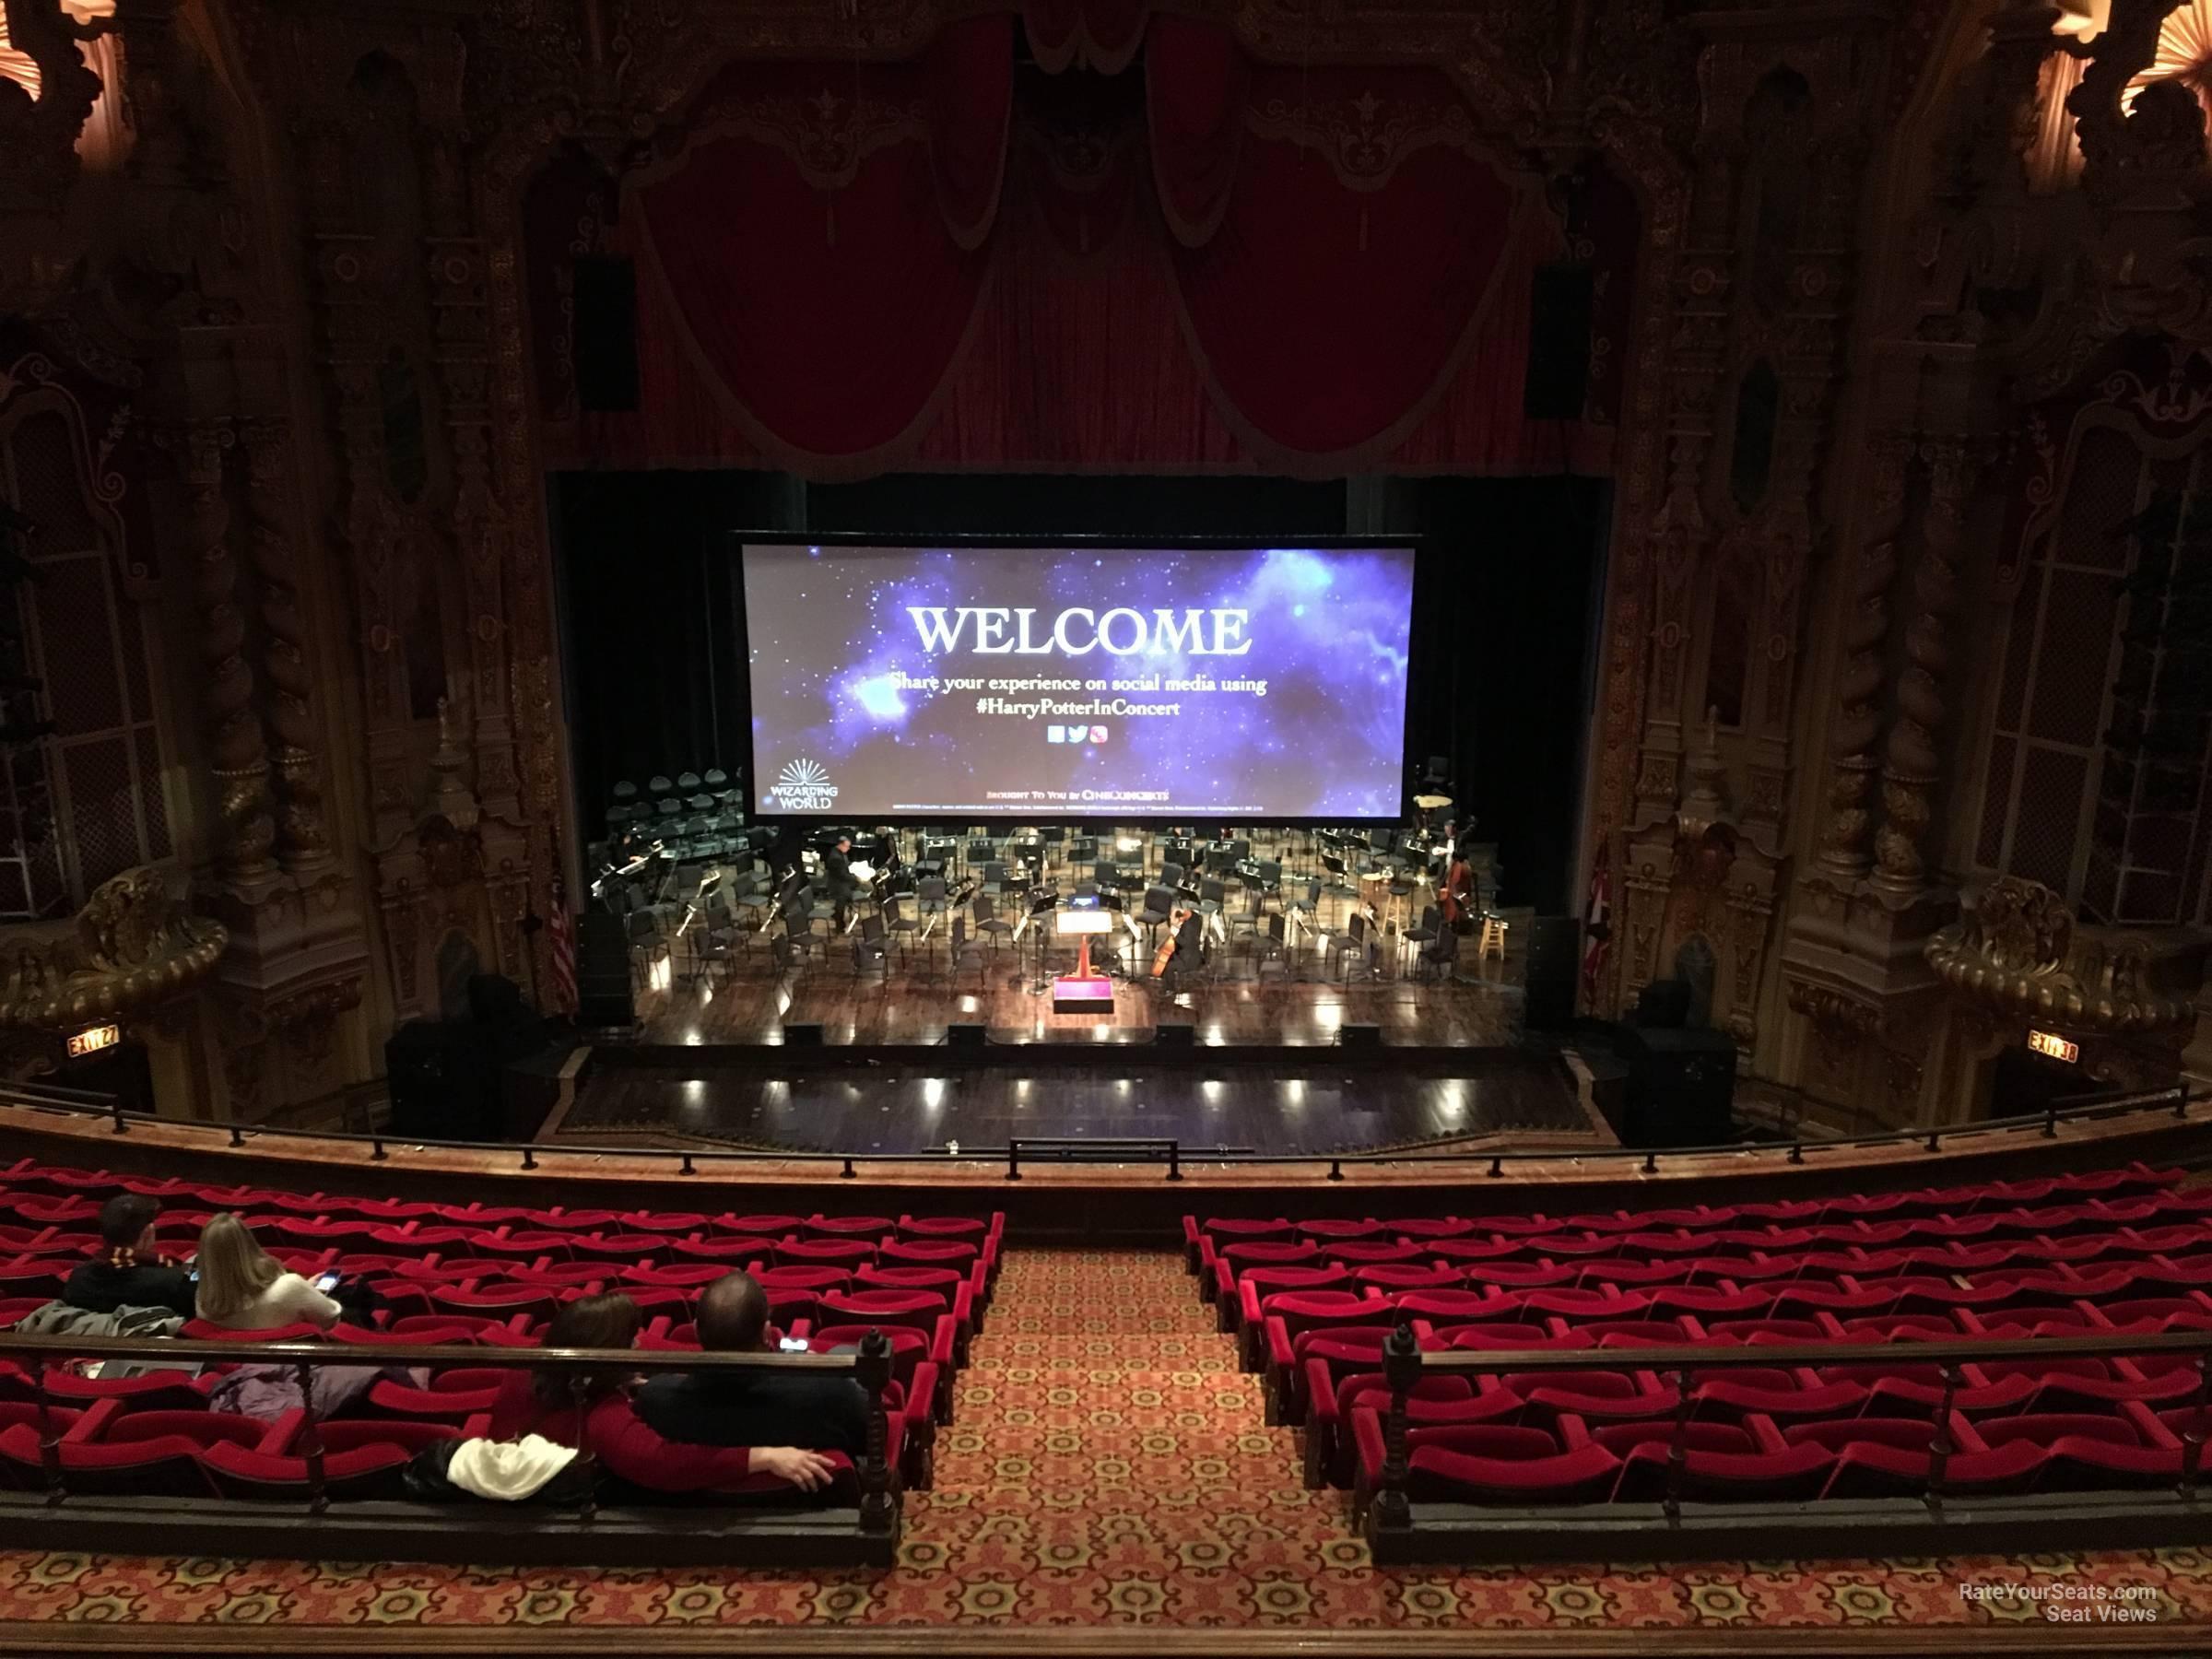 Mezzanine C At Ohio Theatre Rateyourseats Com